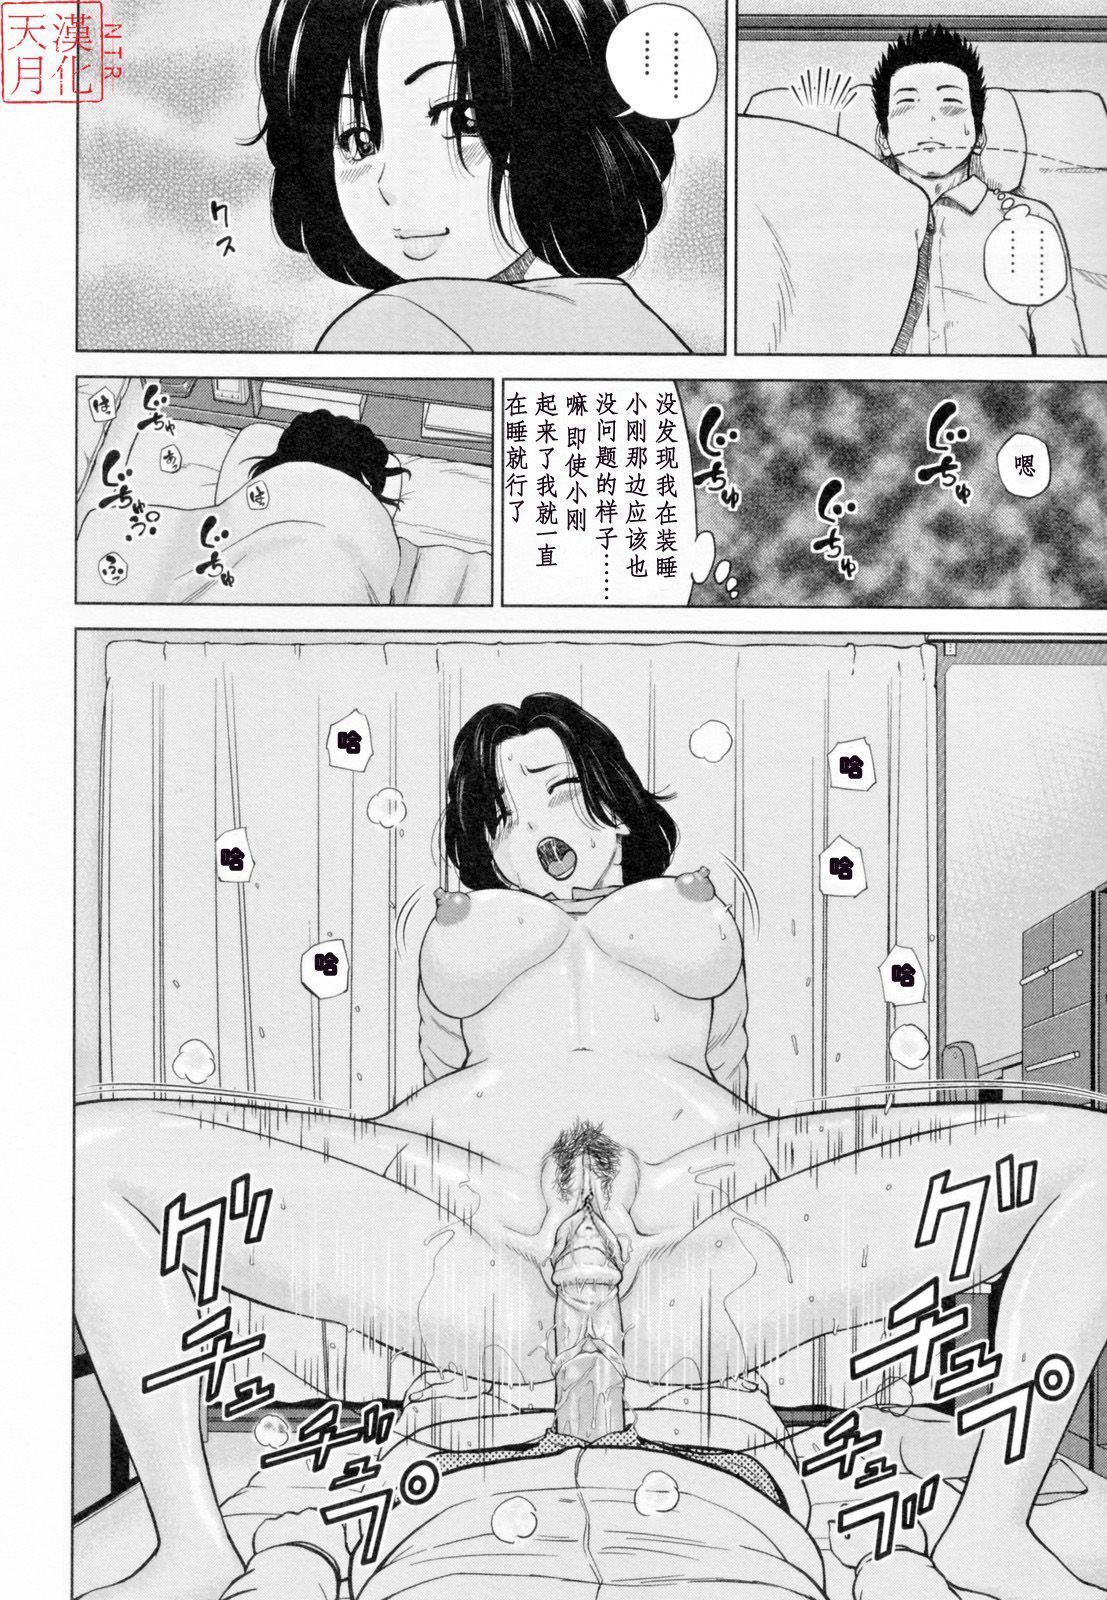 32 Sai Yokkyuufuman no Hitozuma 159